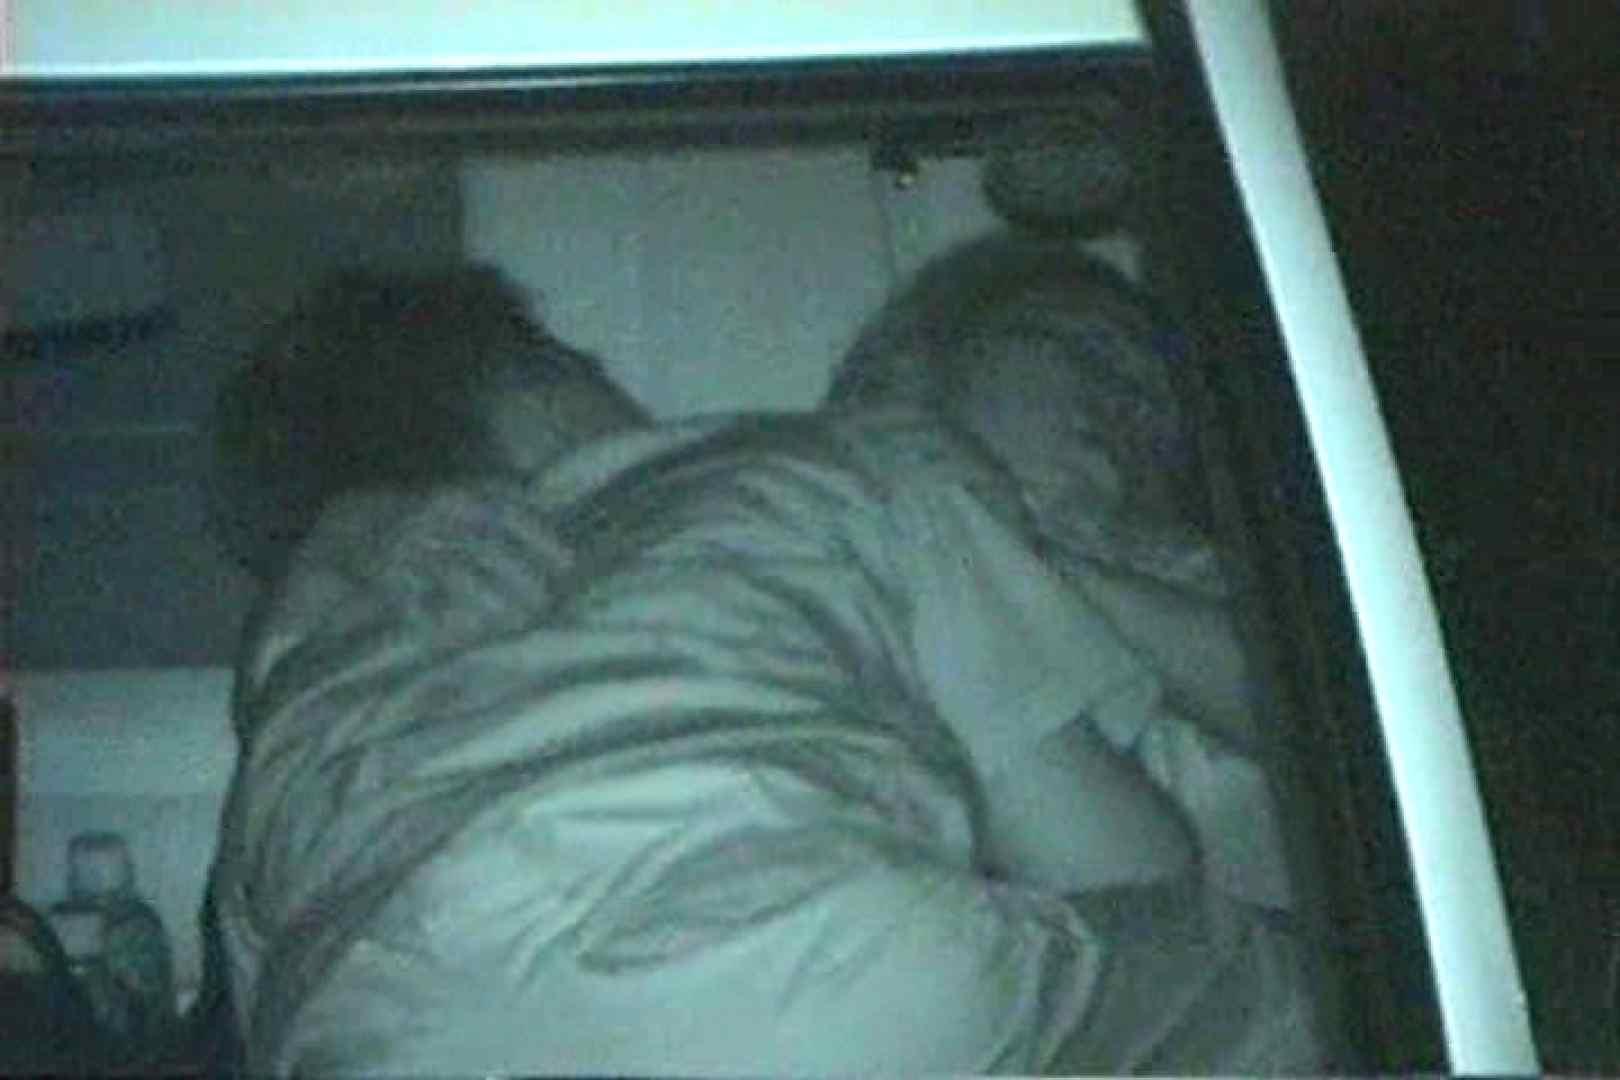 車の中はラブホテル 無修正版  Vol.28 ホテル のぞき動画キャプチャ 99pic 86